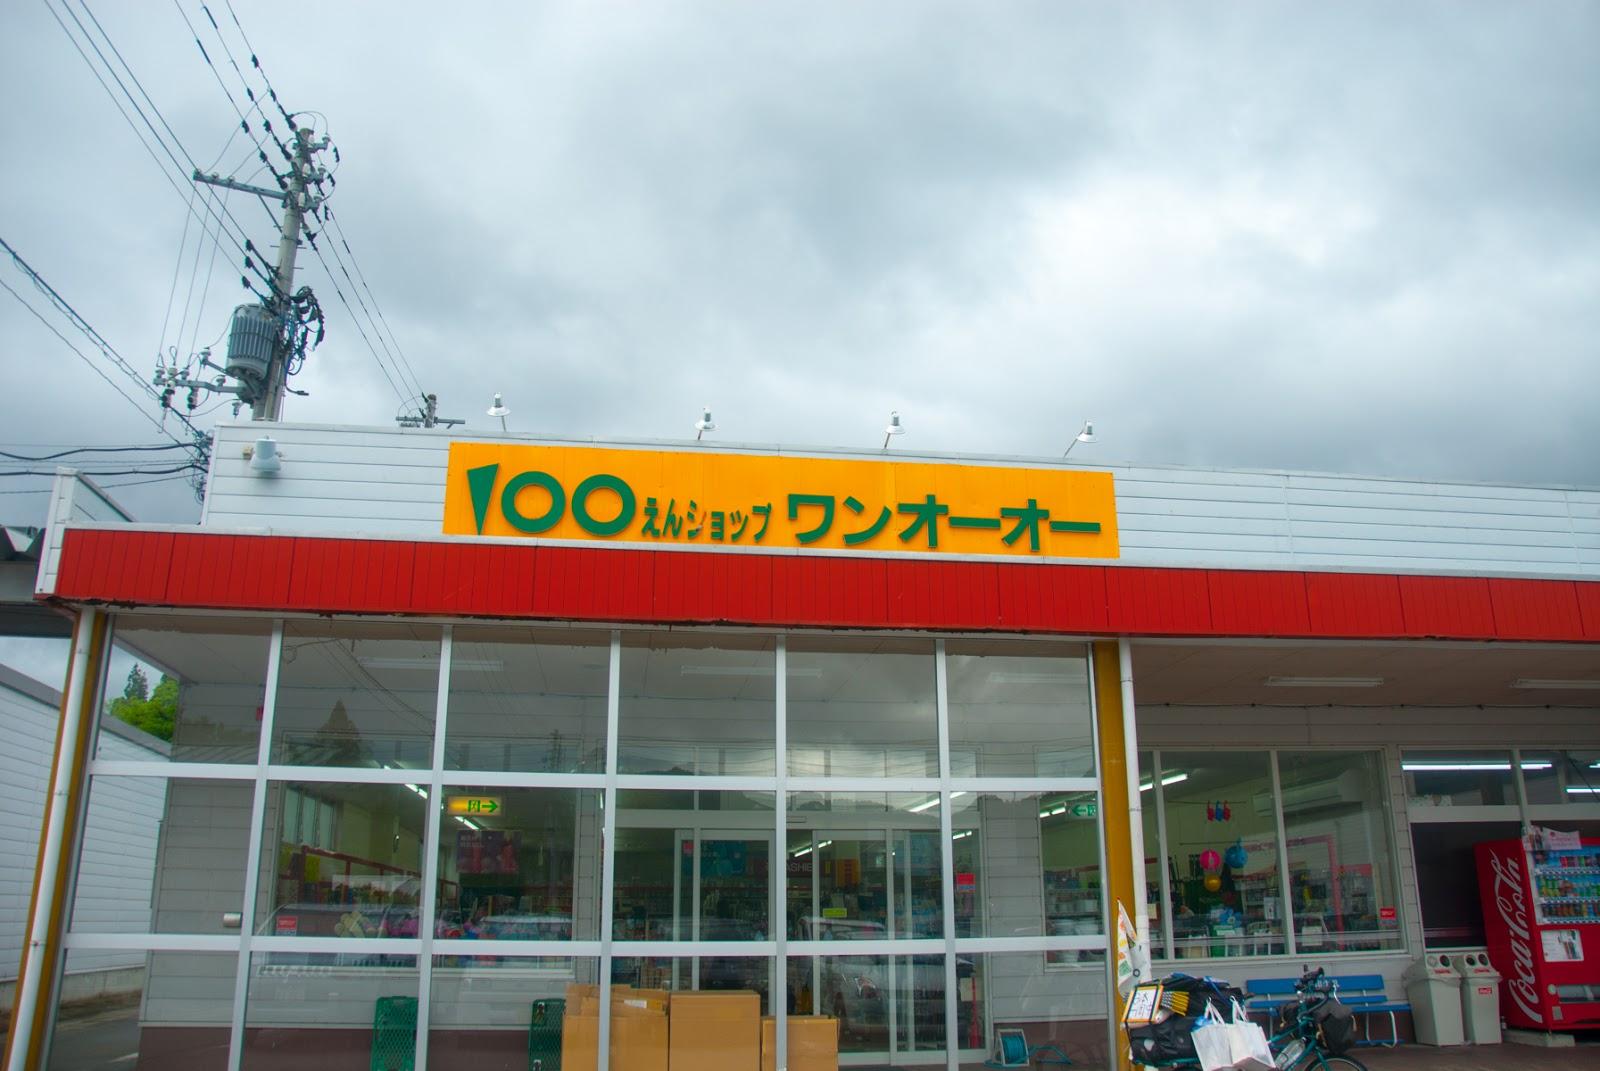 100円 SHOP